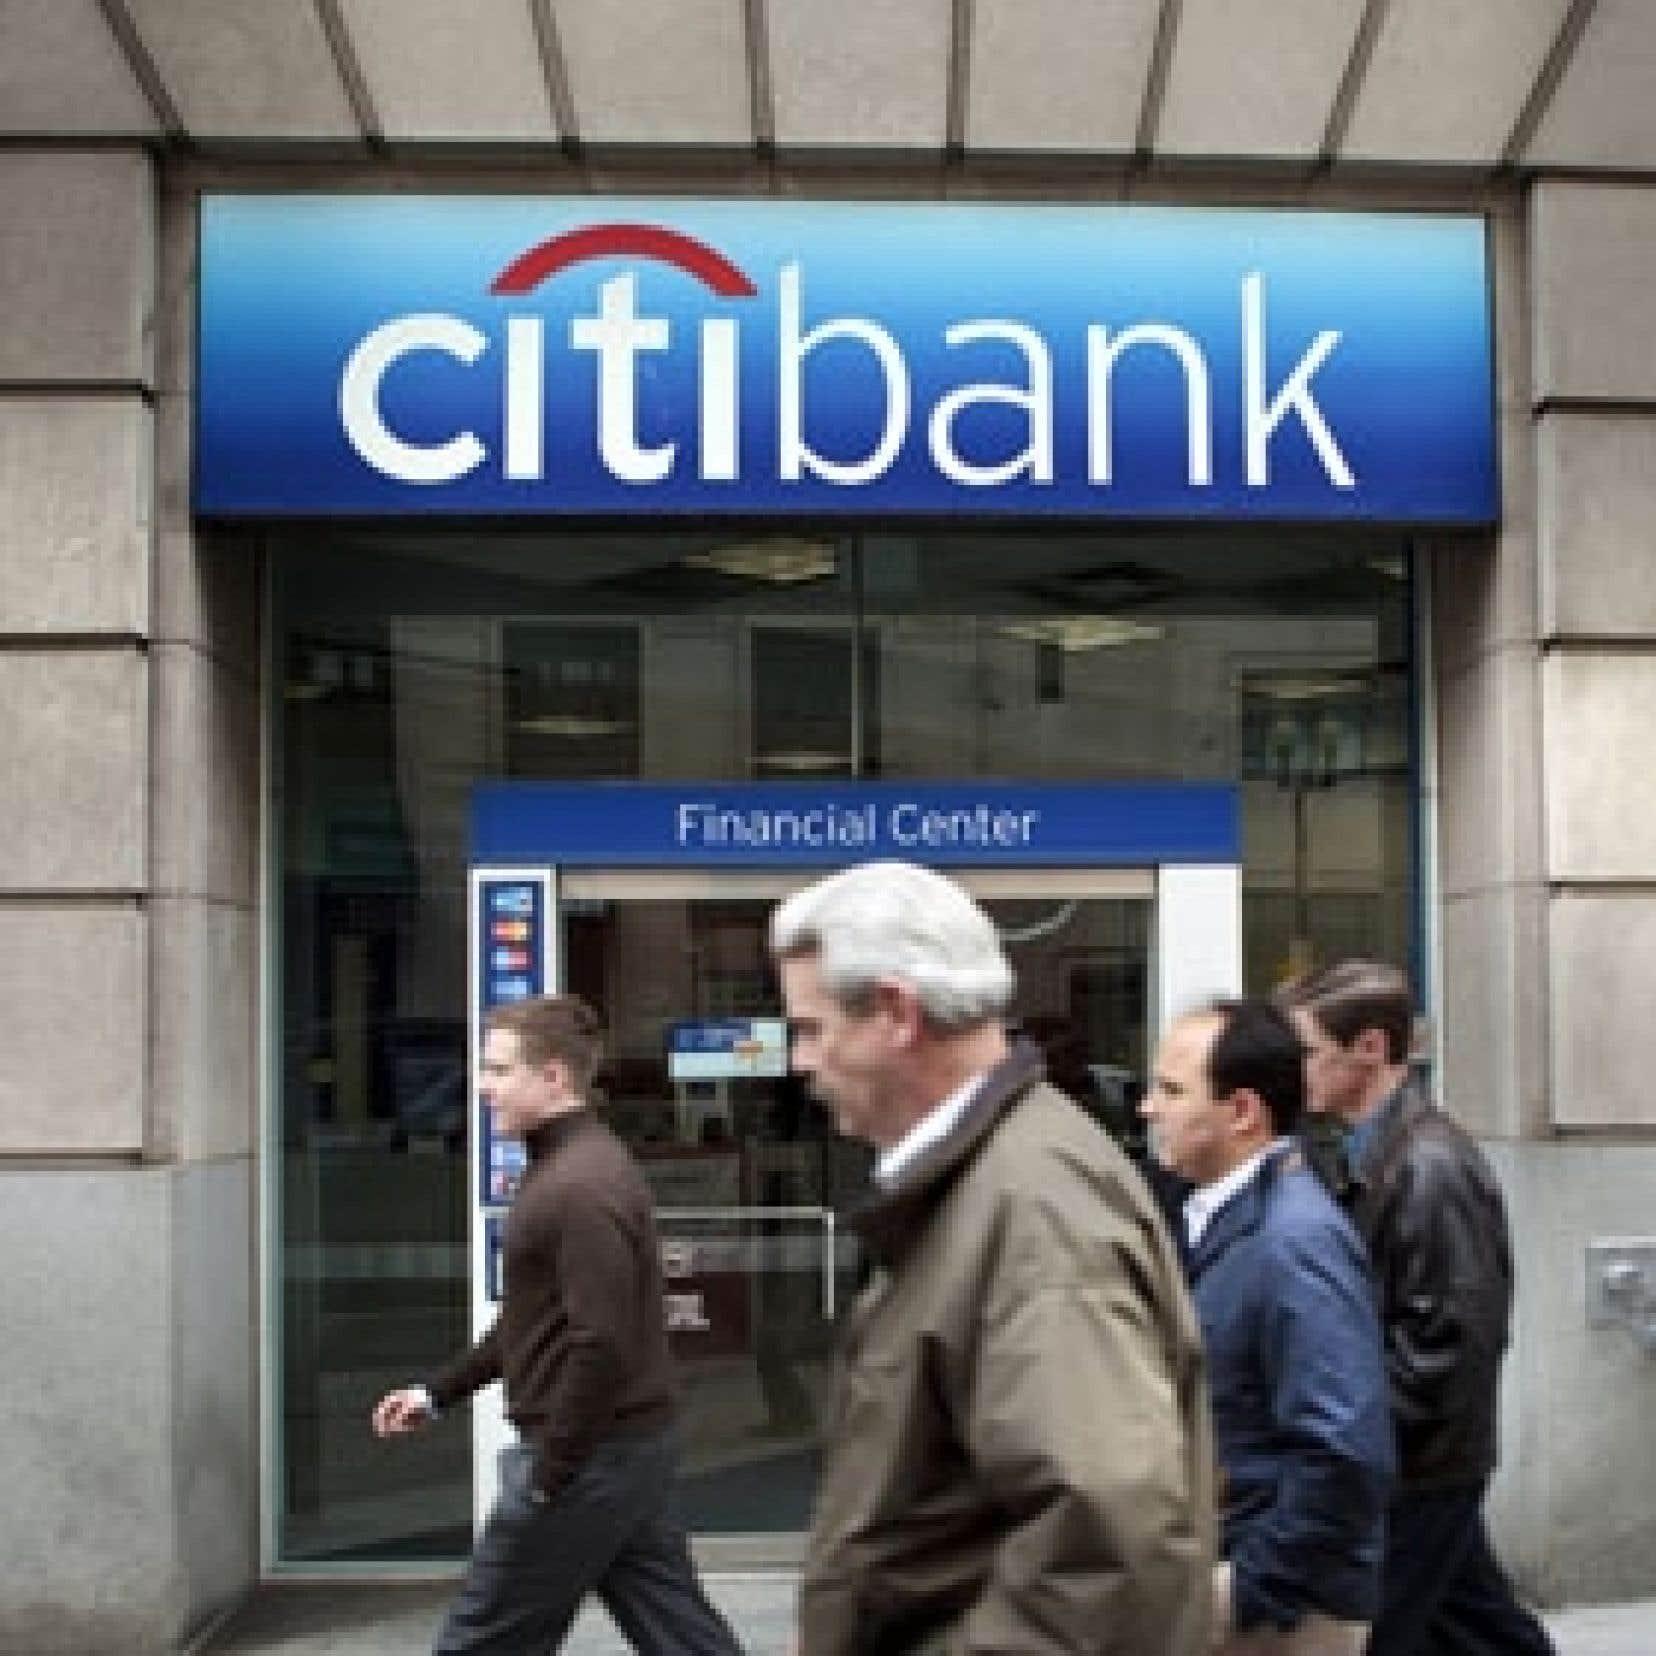 Cette nouvelle intervention de Washington dans le capital de Citigroup impose une refonte du conseil d'administration.